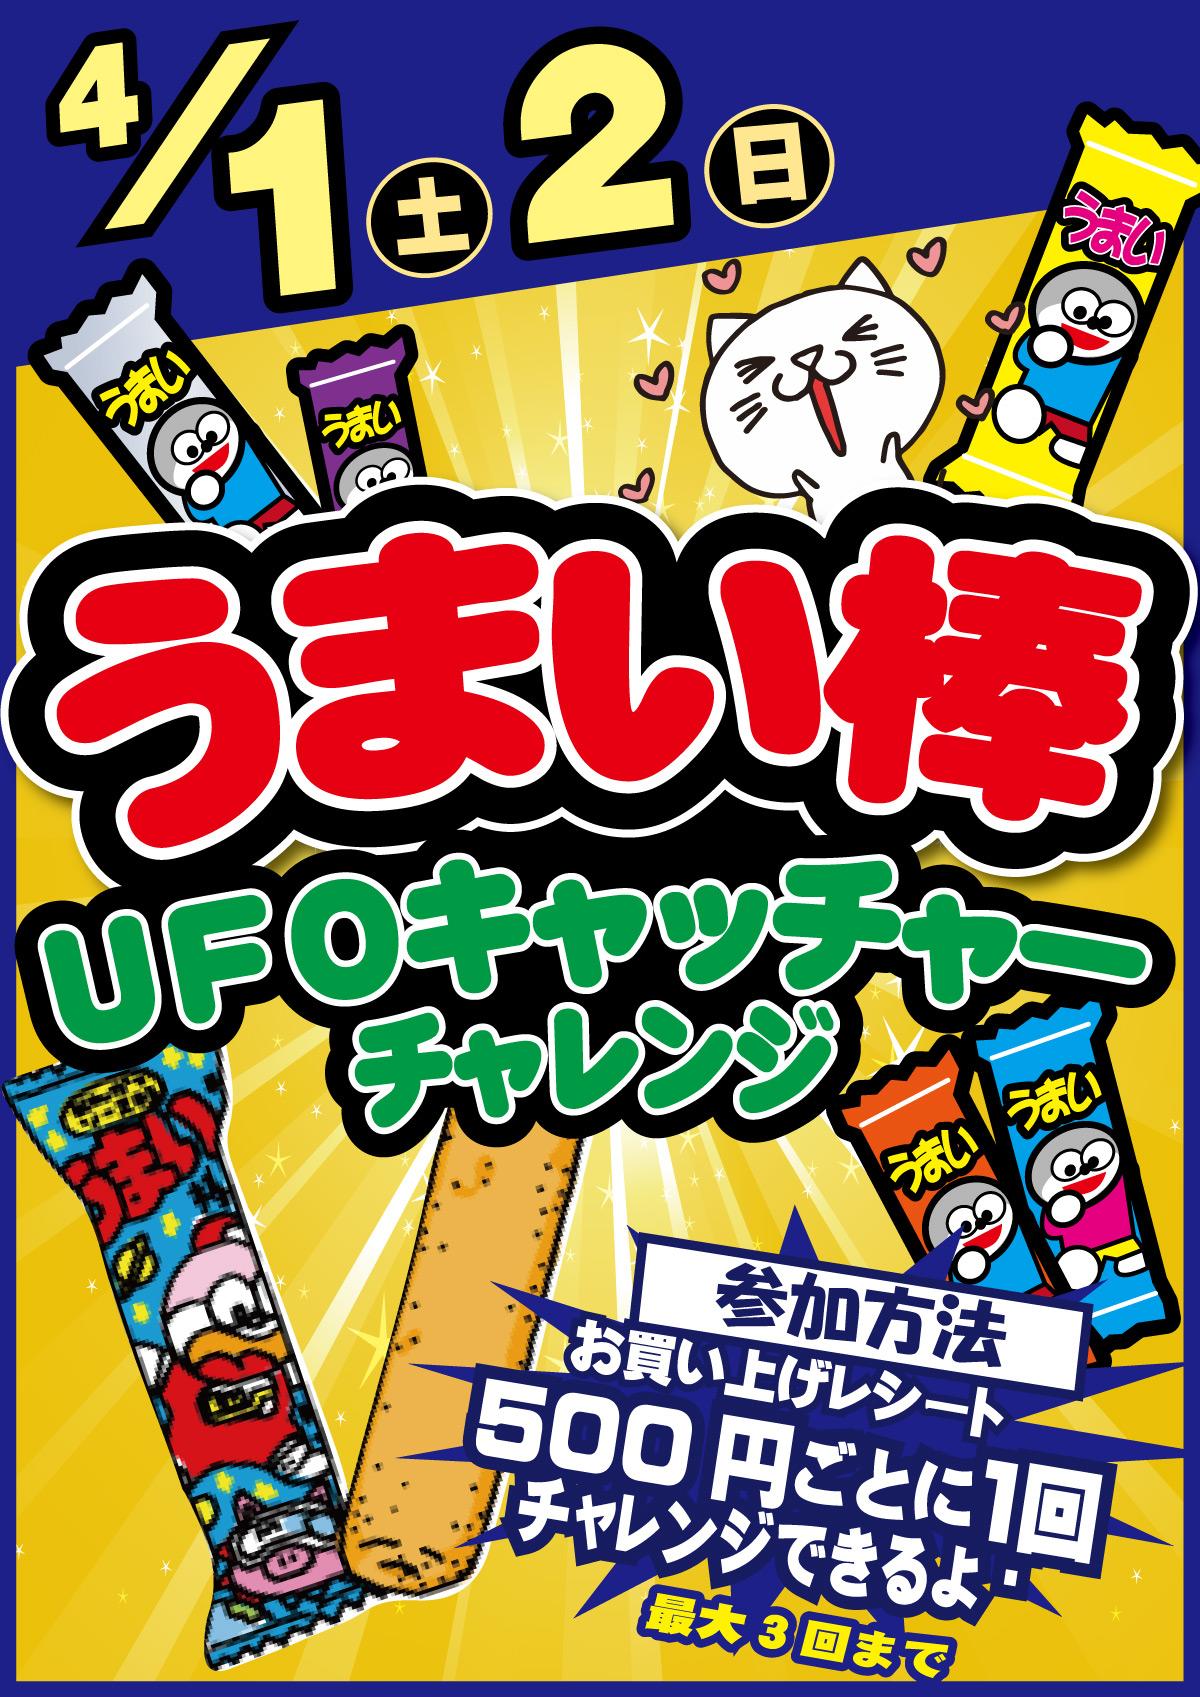 「開放倉庫桜井店」2017年4月1・2日の2日間はうまい棒UFOキャッチャーチャレンジを開催!!